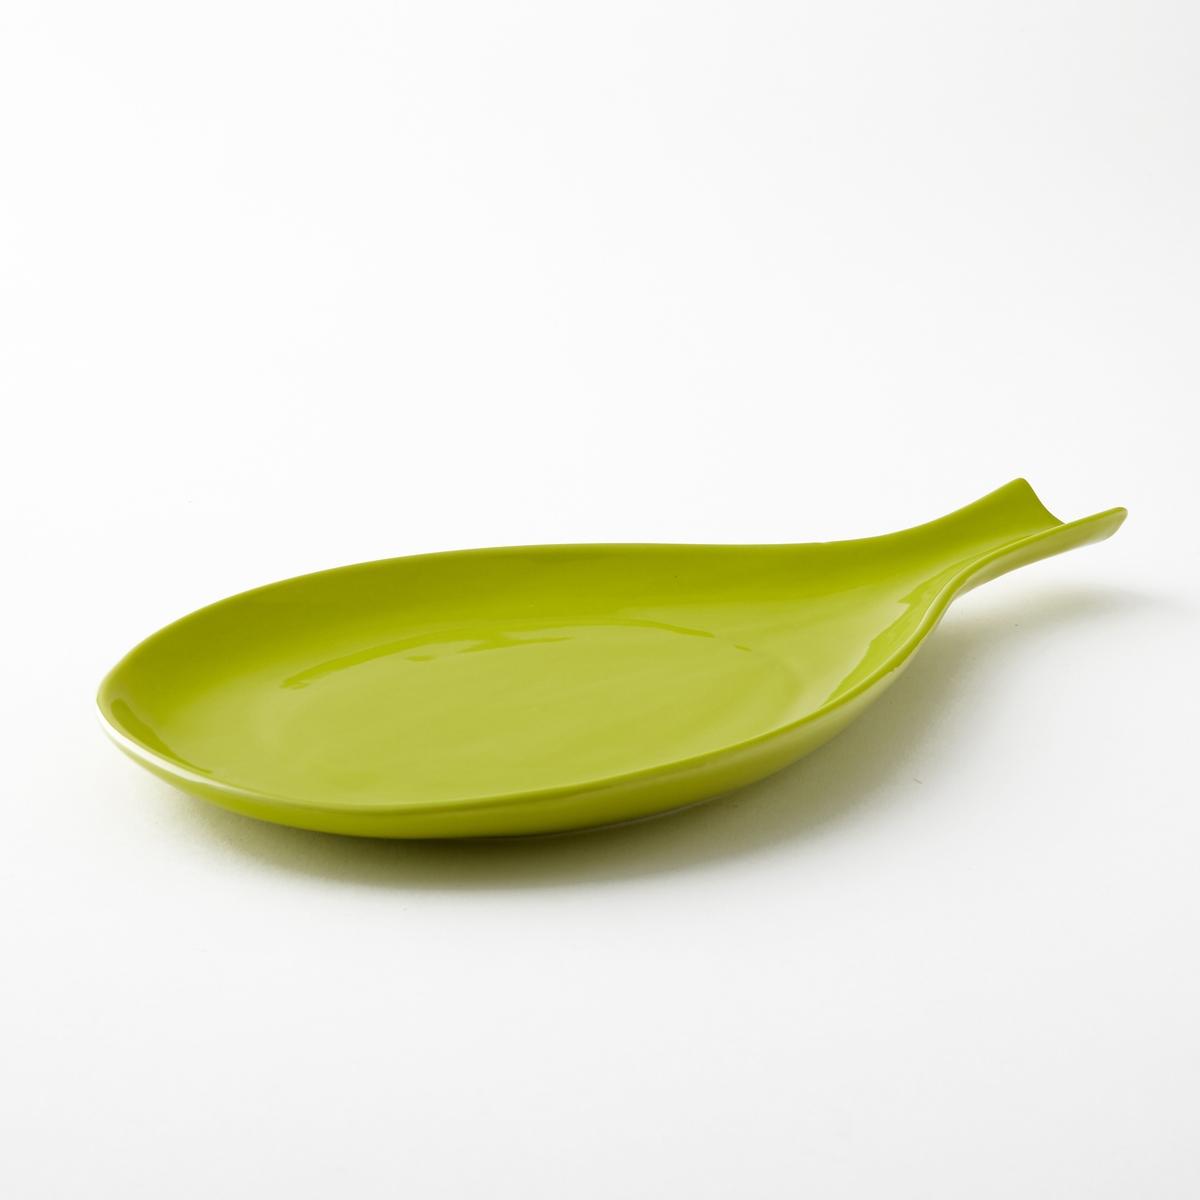 Блюдо в форме тыквы Makela, размер 2Блюдо Makela. Идеально для закусок! Из глазурованного фарфора. Подходит для посудомоечных машин. . : Д32 x В2,5 x Г21 см.<br><br>Цвет: желтый лимон